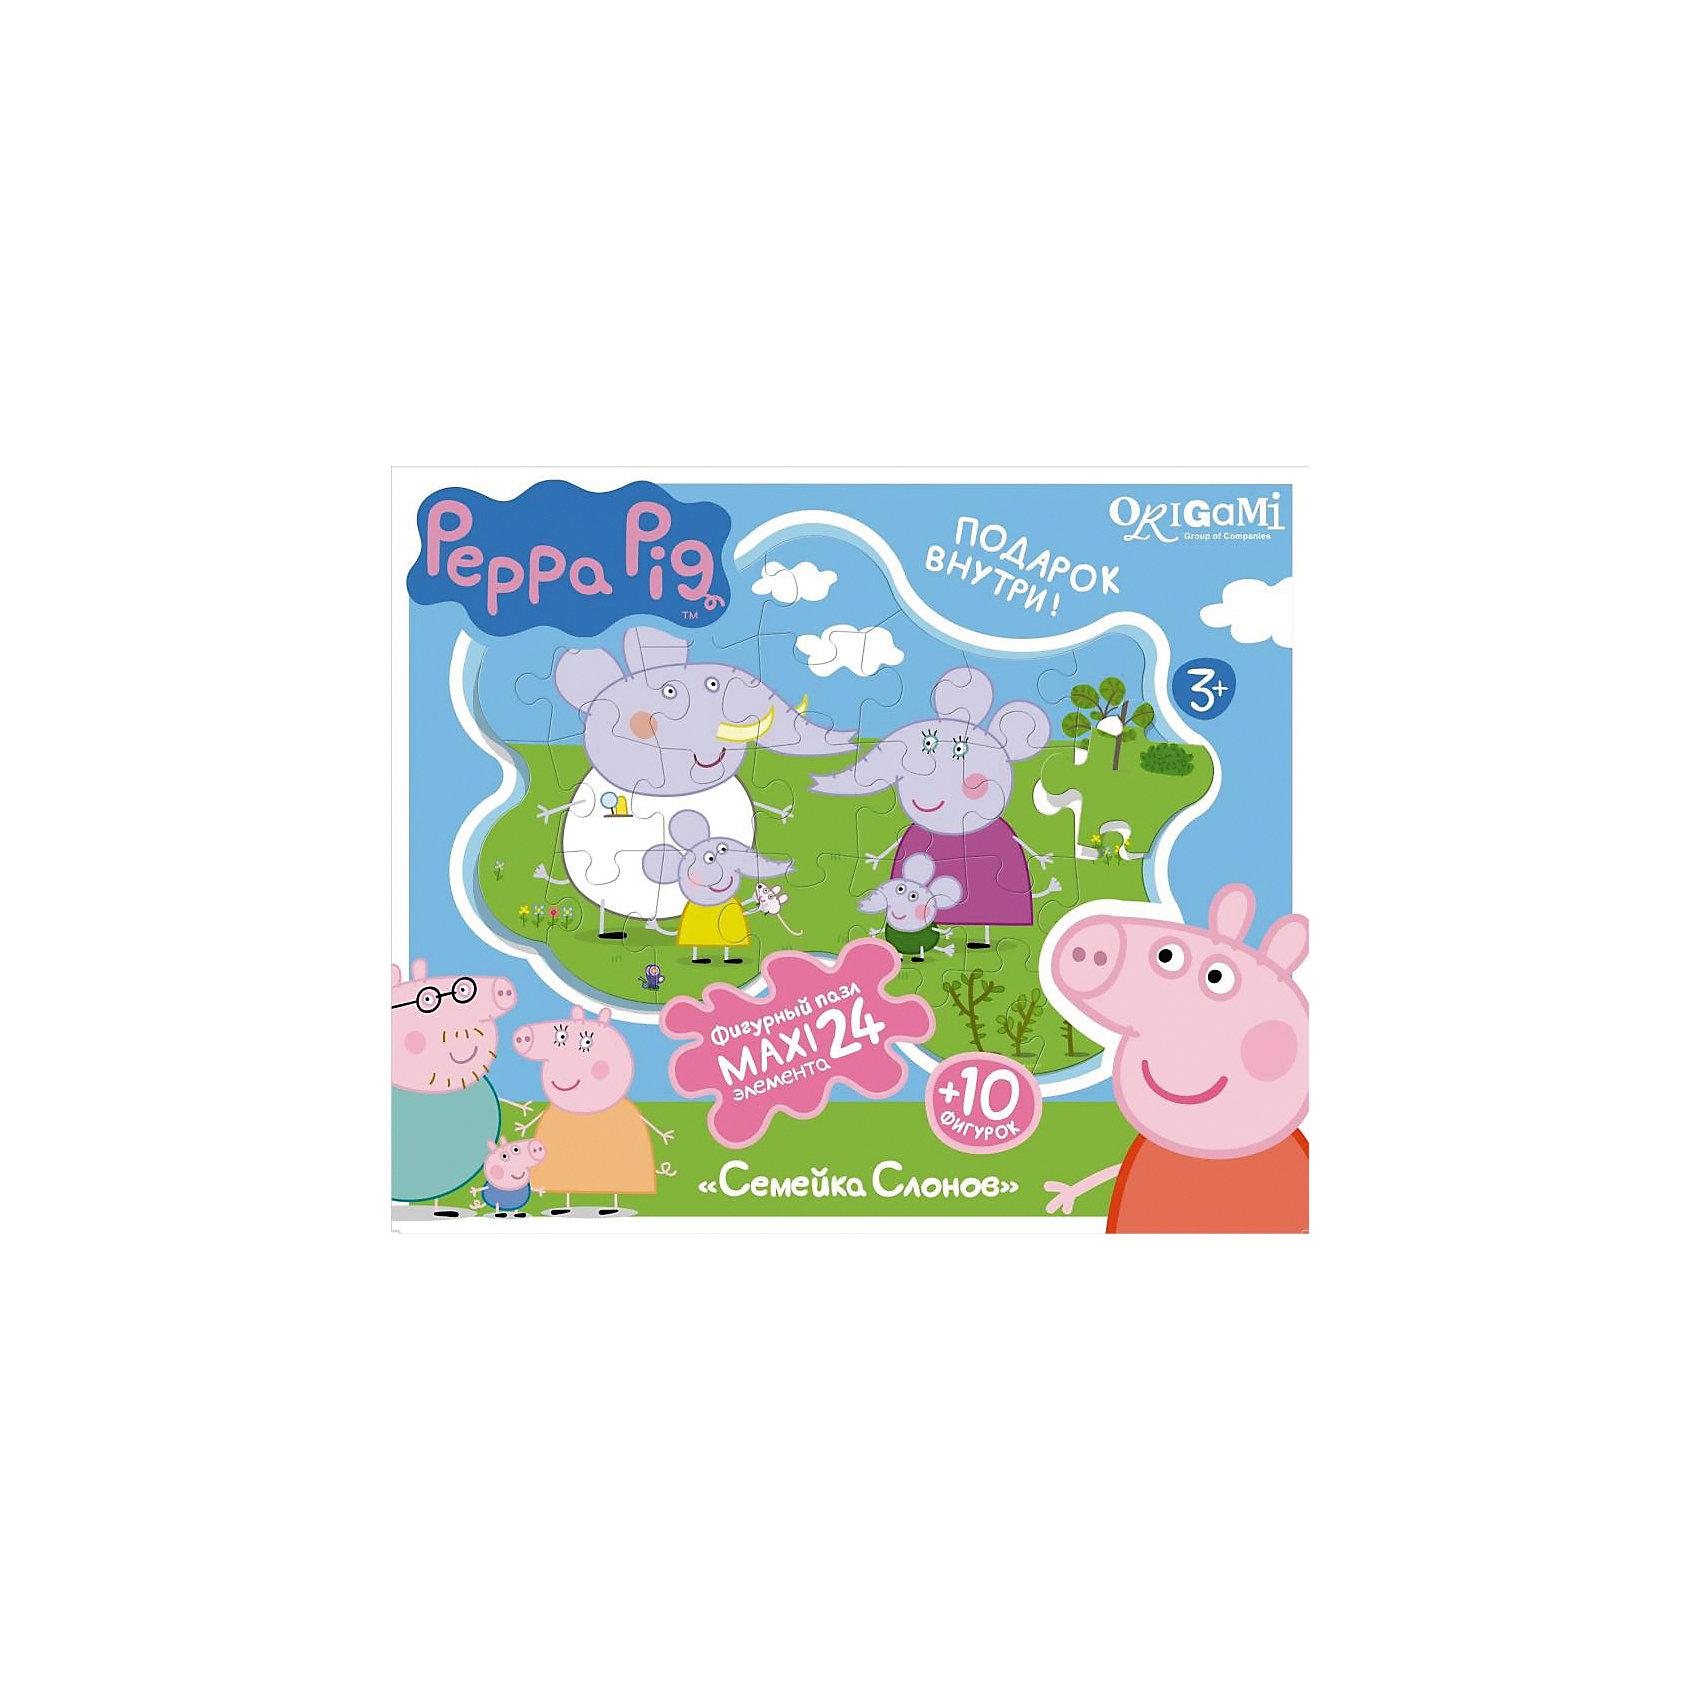 Пазл Семья слонов + магниты + подставки, 24 MAXI детали, Свинка ПеппаПазлы для малышей<br>Пазл Семья слонов, Свинка Пеппа - увлекательный и развивающий набор для творчества, который непременно заинтересует Вашего малыша. Из деталей пазла он сможет собрать красочную фигурную картинку с изображением забавной семьи слонов из популярного мультсериала Peppa Pig. Собранную картинку можно поместить на подставку, превратив ее в декорацию для игры с картонными фигурками персонажей (входят в комплект). А с помощью магнитов изображение или фигурки можно прикрепить к холодильнику. Пазл отличается высоким качеством полиграфии и насыщенными цветами. Благодаря ламинированному покрытию картинка надолго сохраняет свой блеск и яркие цвета. Плотный картон не дает деталям мяться и обеспечивает надежное соединение. Собирание пазла способствует развитию логического и пространственного мышления, внимания, мелкой моторики и координации движений.<br><br>Дополнительная информация:<br><br>- В комплекте: контурный пазл (24 детали), 10 фигурок, магниты, подставка.<br>- Материал: картон, бумага. <br>- Размер упаковки: 28 x 6 x 23 см.<br>- Вес: 0,424 кг.<br> <br>Пазл Семья слонов + магниты + подставки, 24 MAXI детали, Свинка Пеппа, Origami, можно купить в нашем интернет-магазине.<br><br>Ширина мм: 280<br>Глубина мм: 60<br>Высота мм: 230<br>Вес г: 100<br>Возраст от месяцев: 36<br>Возраст до месяцев: 96<br>Пол: Унисекс<br>Возраст: Детский<br>SKU: 4614944